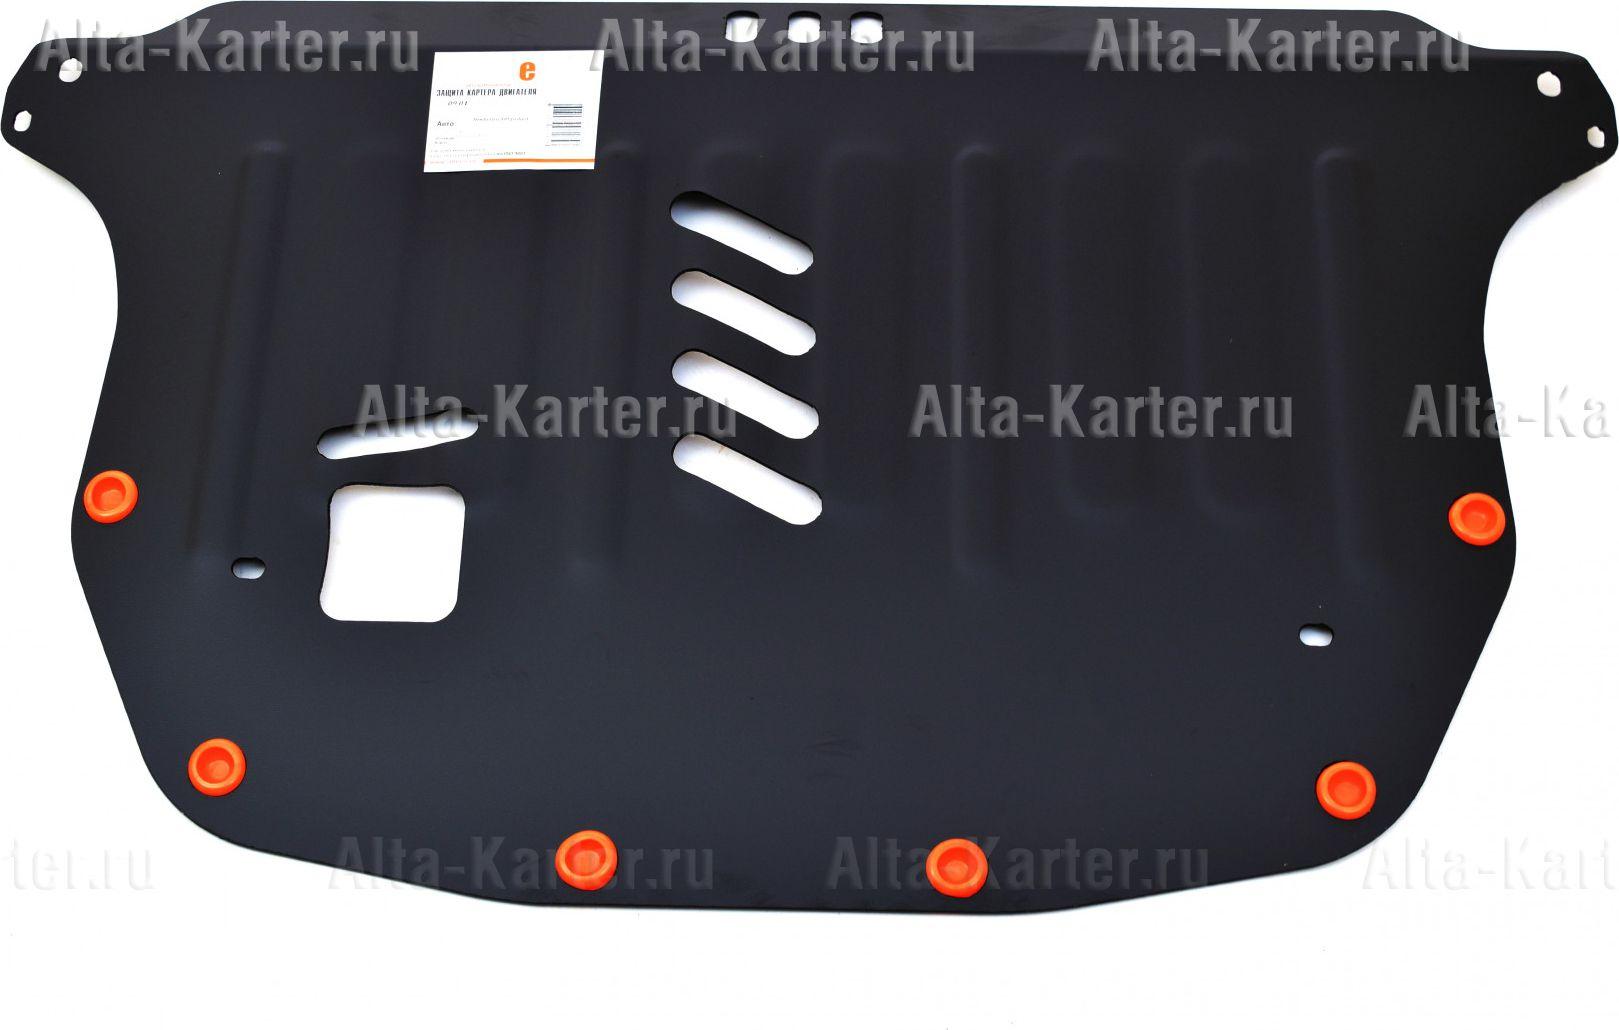 Защита Alfeco для картера и КПП Honda Civic VIII седан 2006-2011. Артикул ALF.09.04